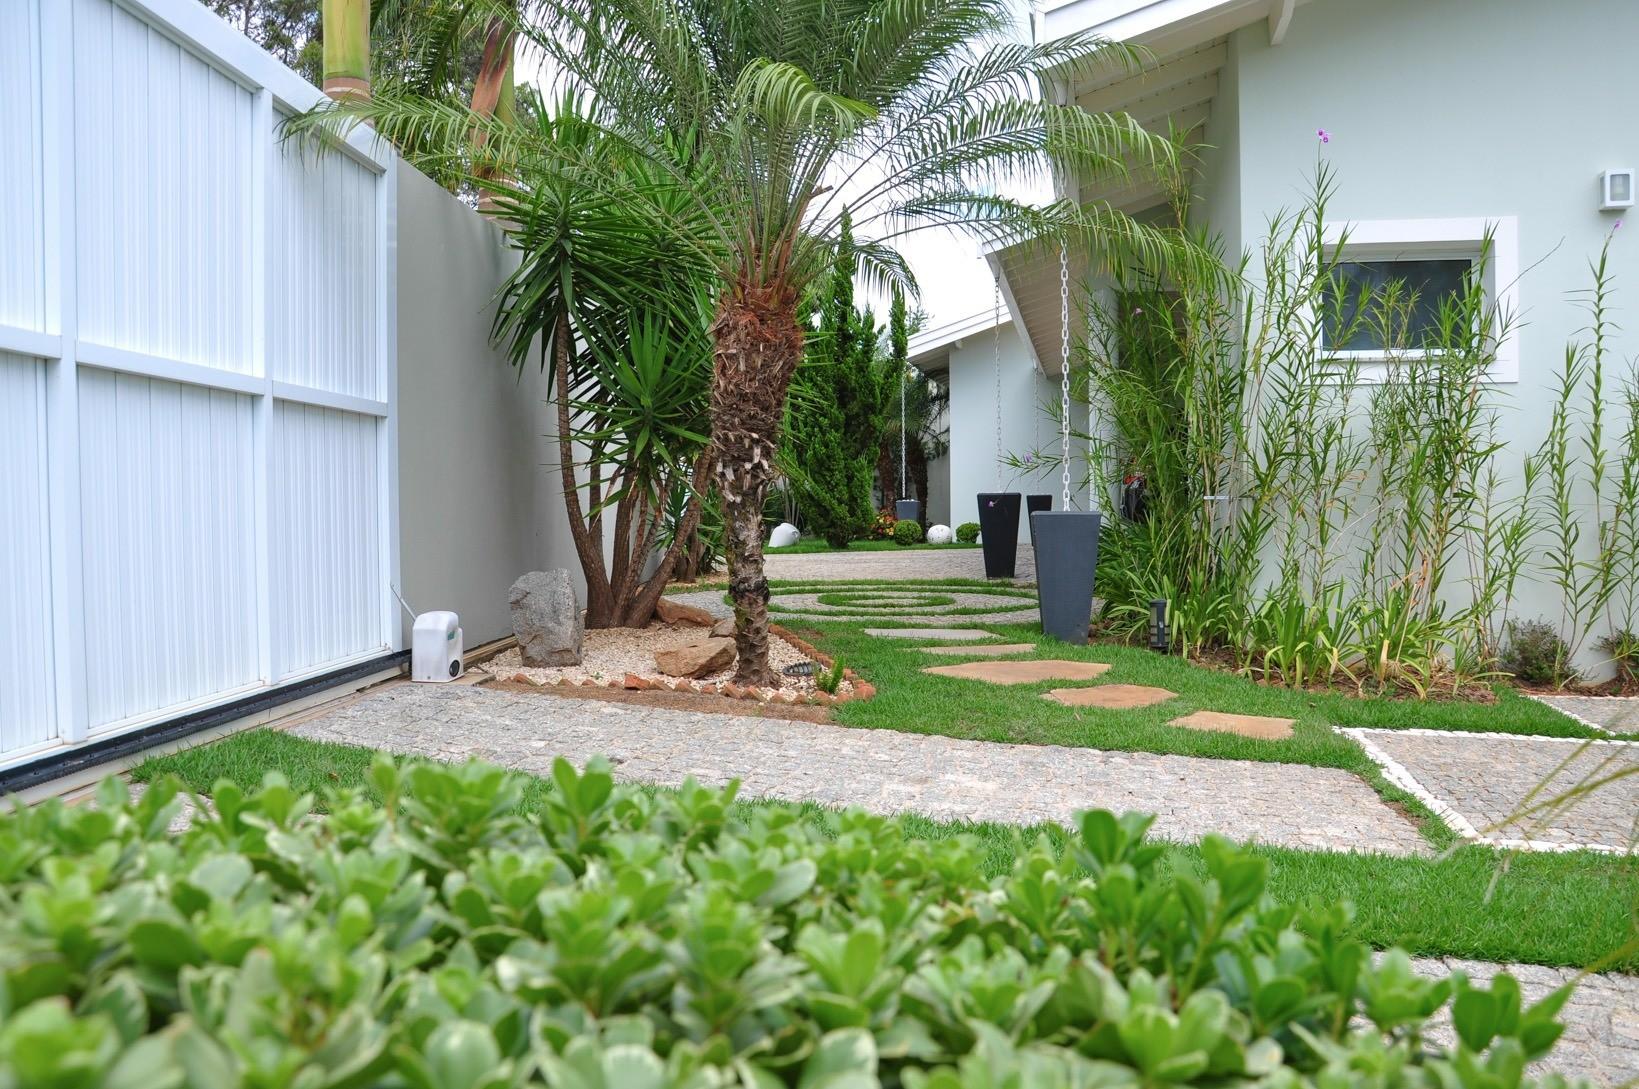 Casa de 4 dormitórios em Parque Xangrila, Campinas - SP